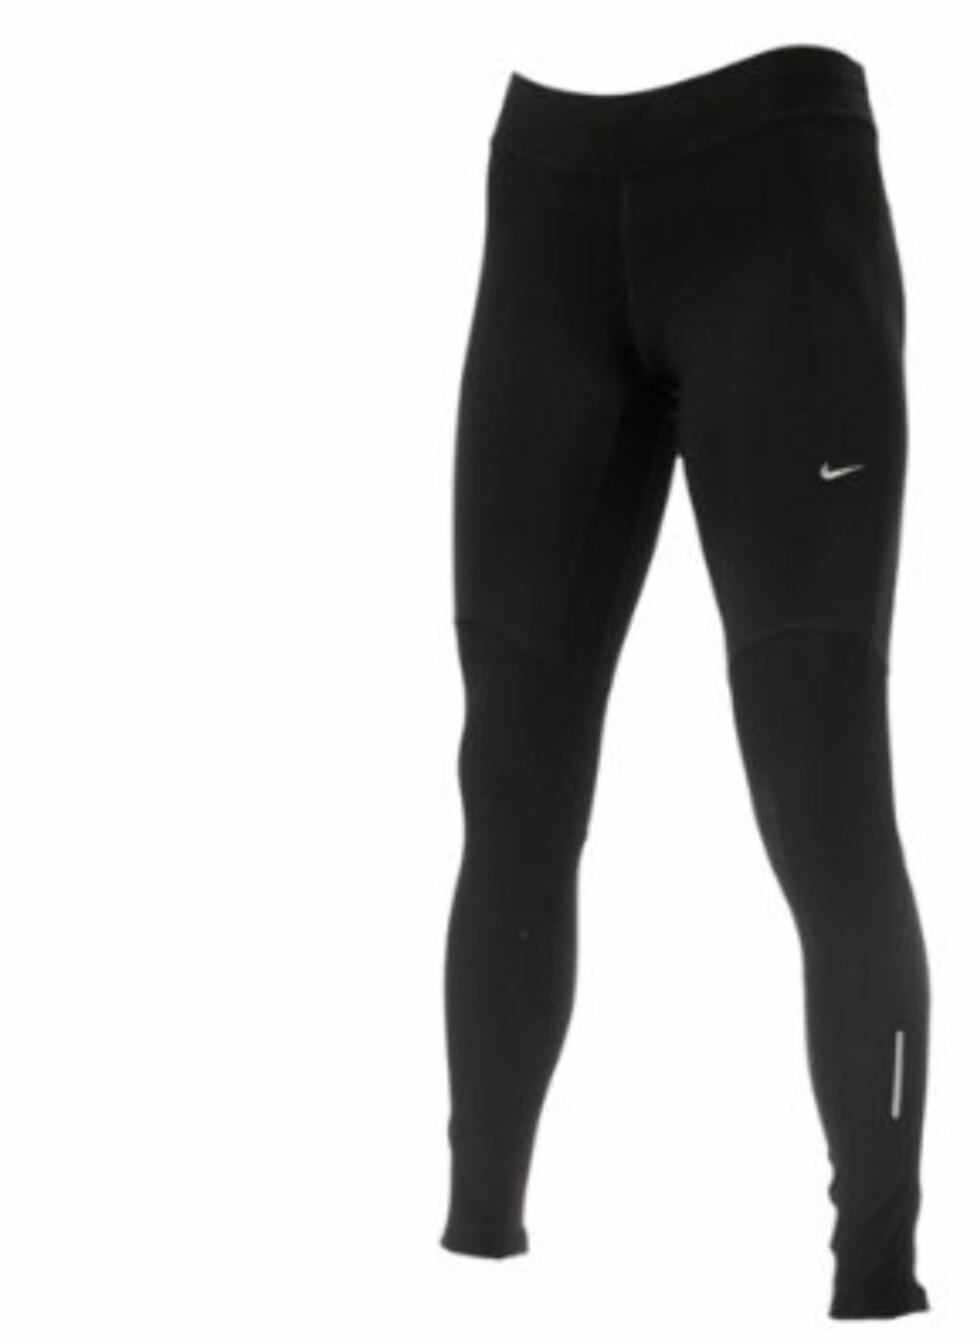 Nike Thermal løpetights for vinter og høstbruk. 649 kroner fra Gmax.no.